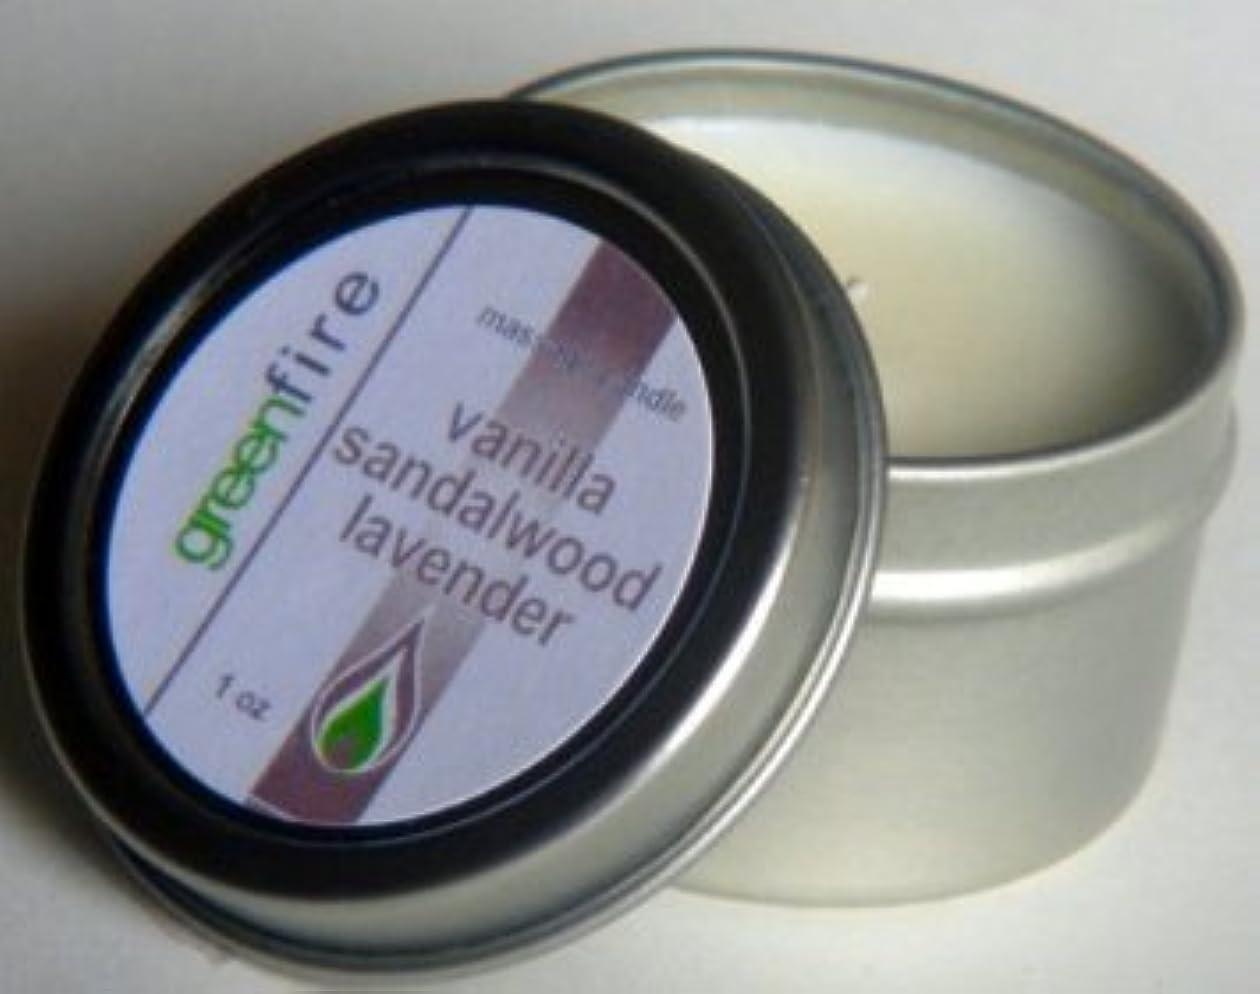 ベルトエンドテーブル環境に優しいグリーンファイヤーマッサージキャンドル ラベンダー?サンダルウッド?バニラの香り(サイズ:29.6mL)